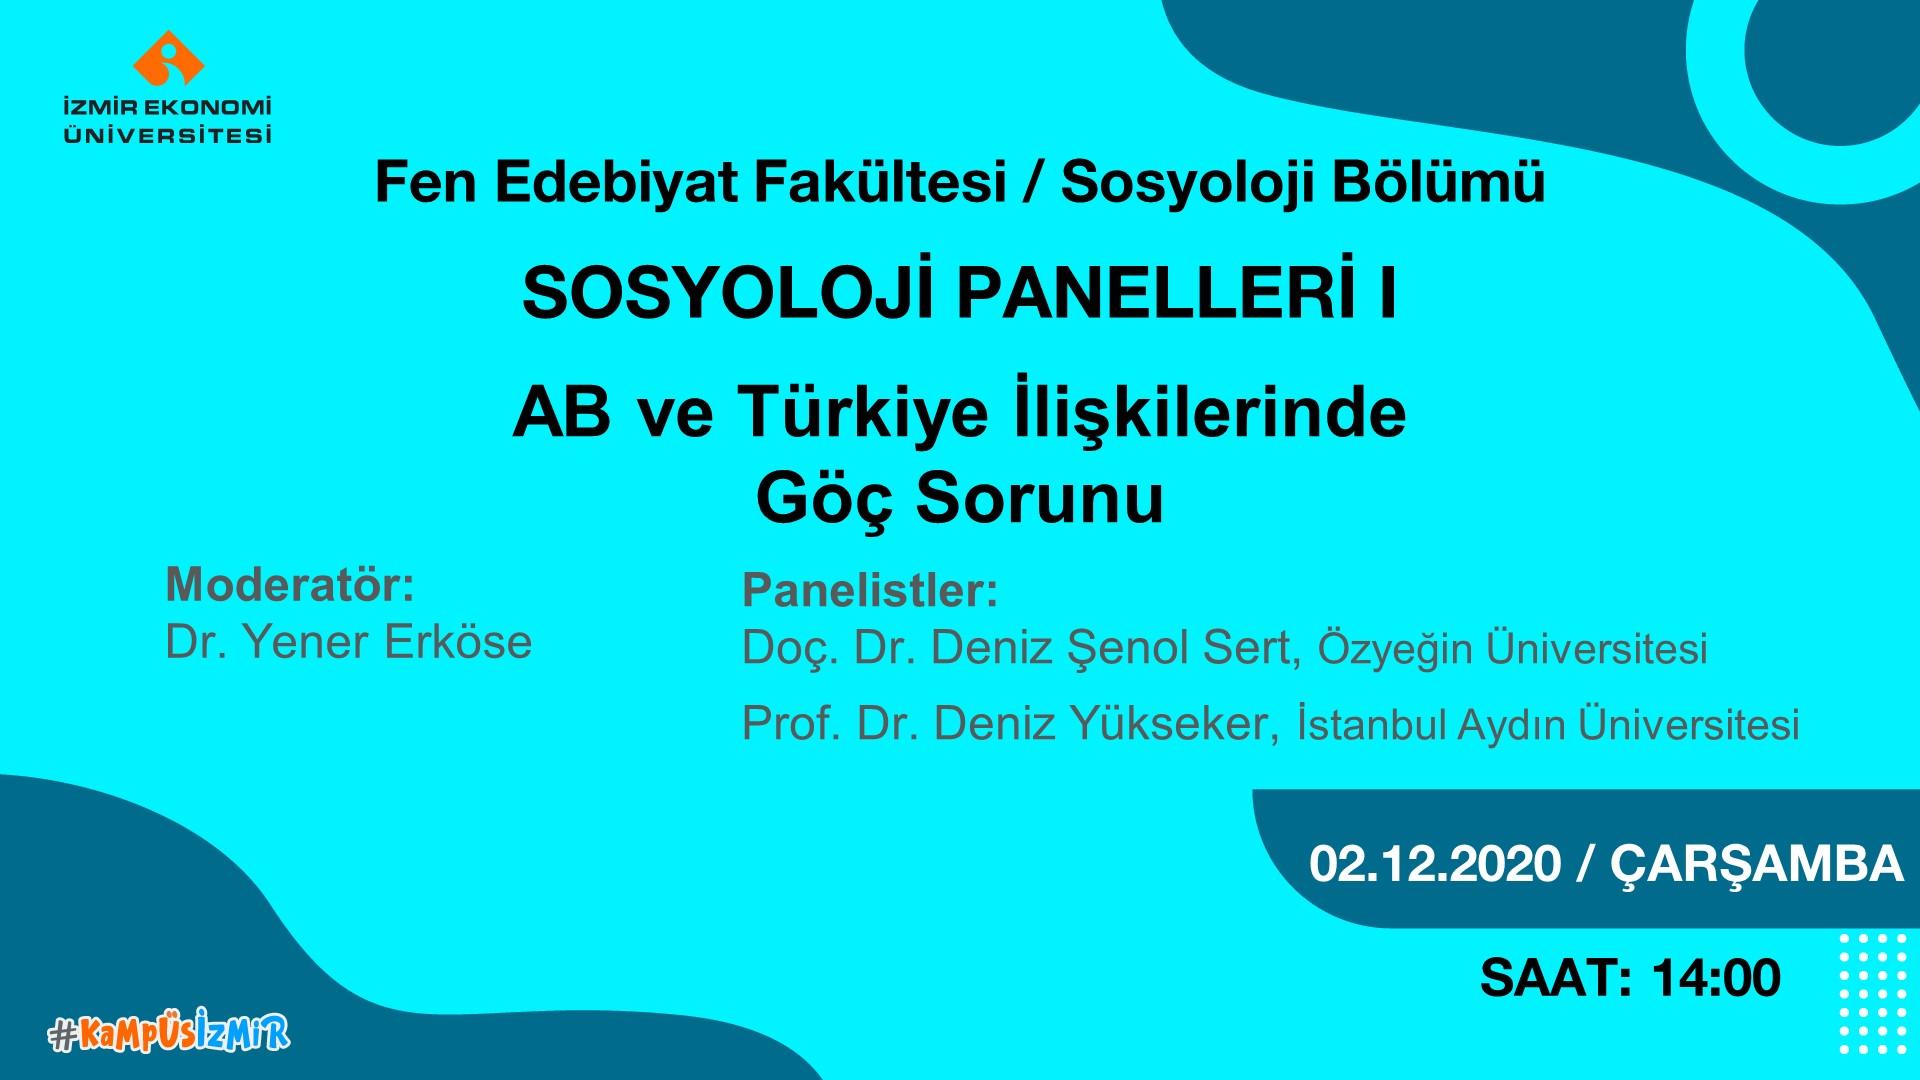 AB ve Türkiye ilişkilerinde göç sorunu